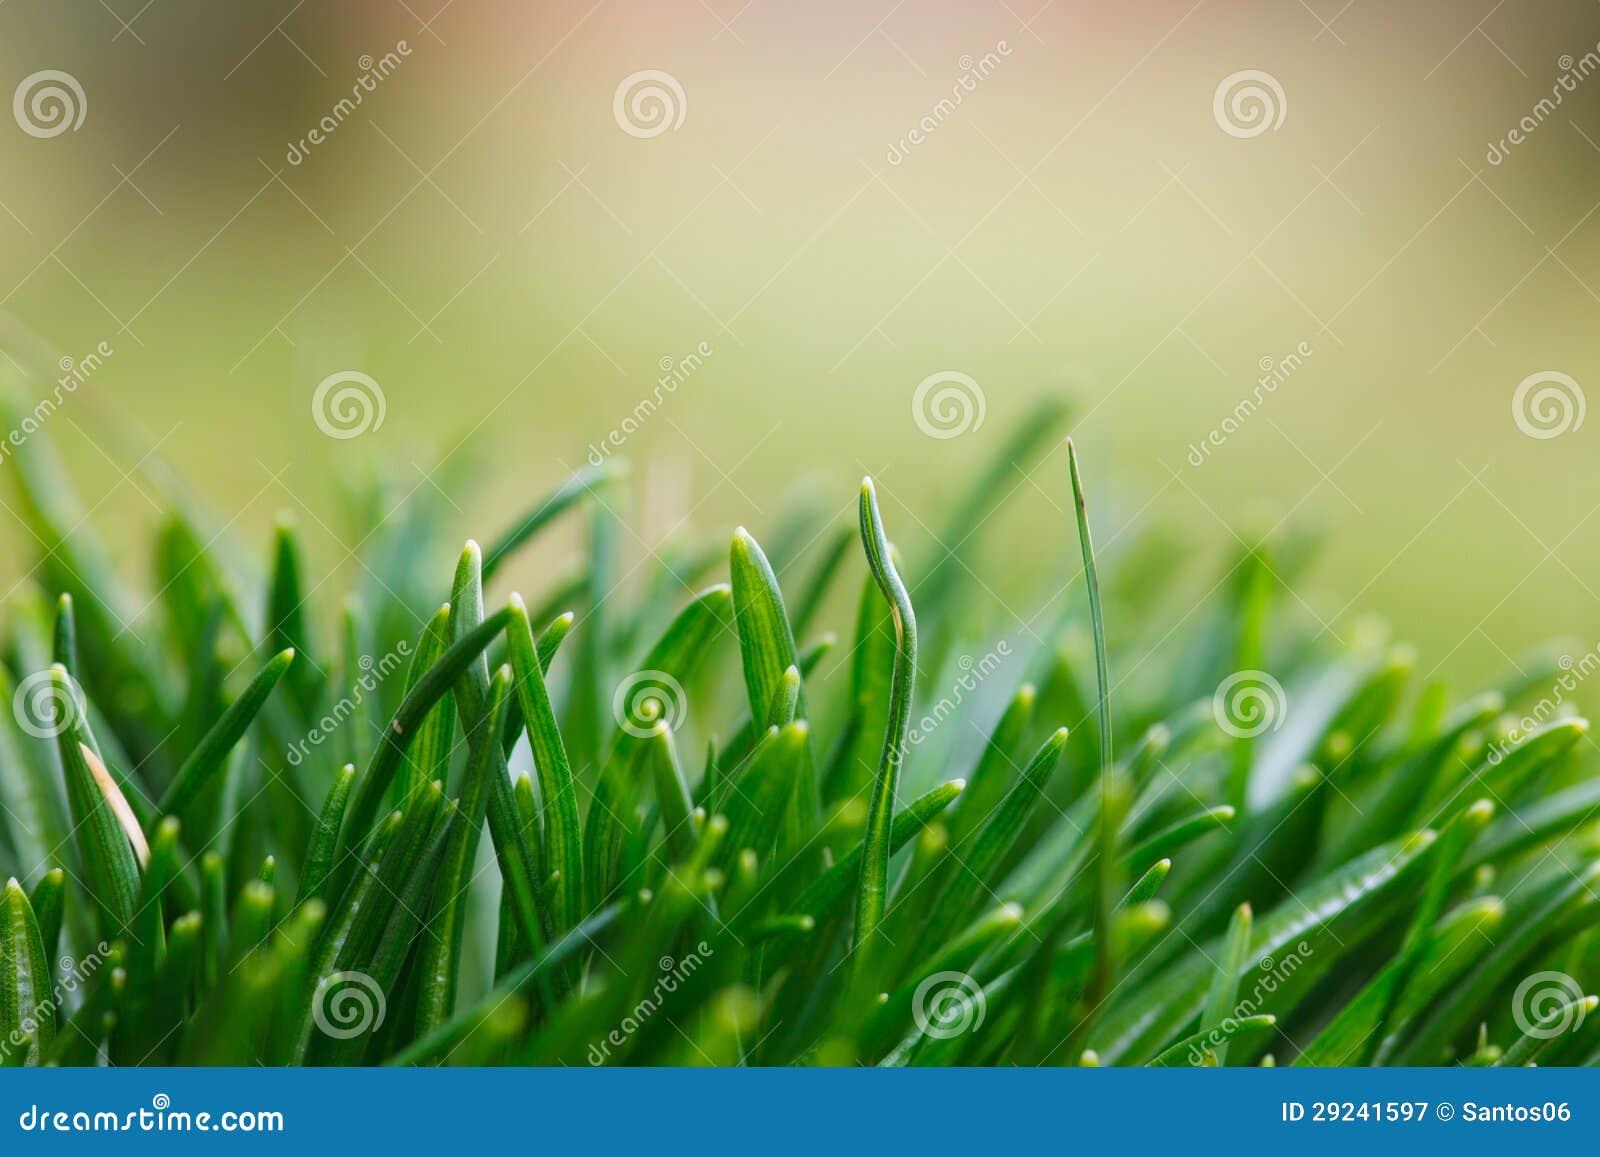 Download Gras imagem de stock. Imagem de grama, verde, fresco - 29241597